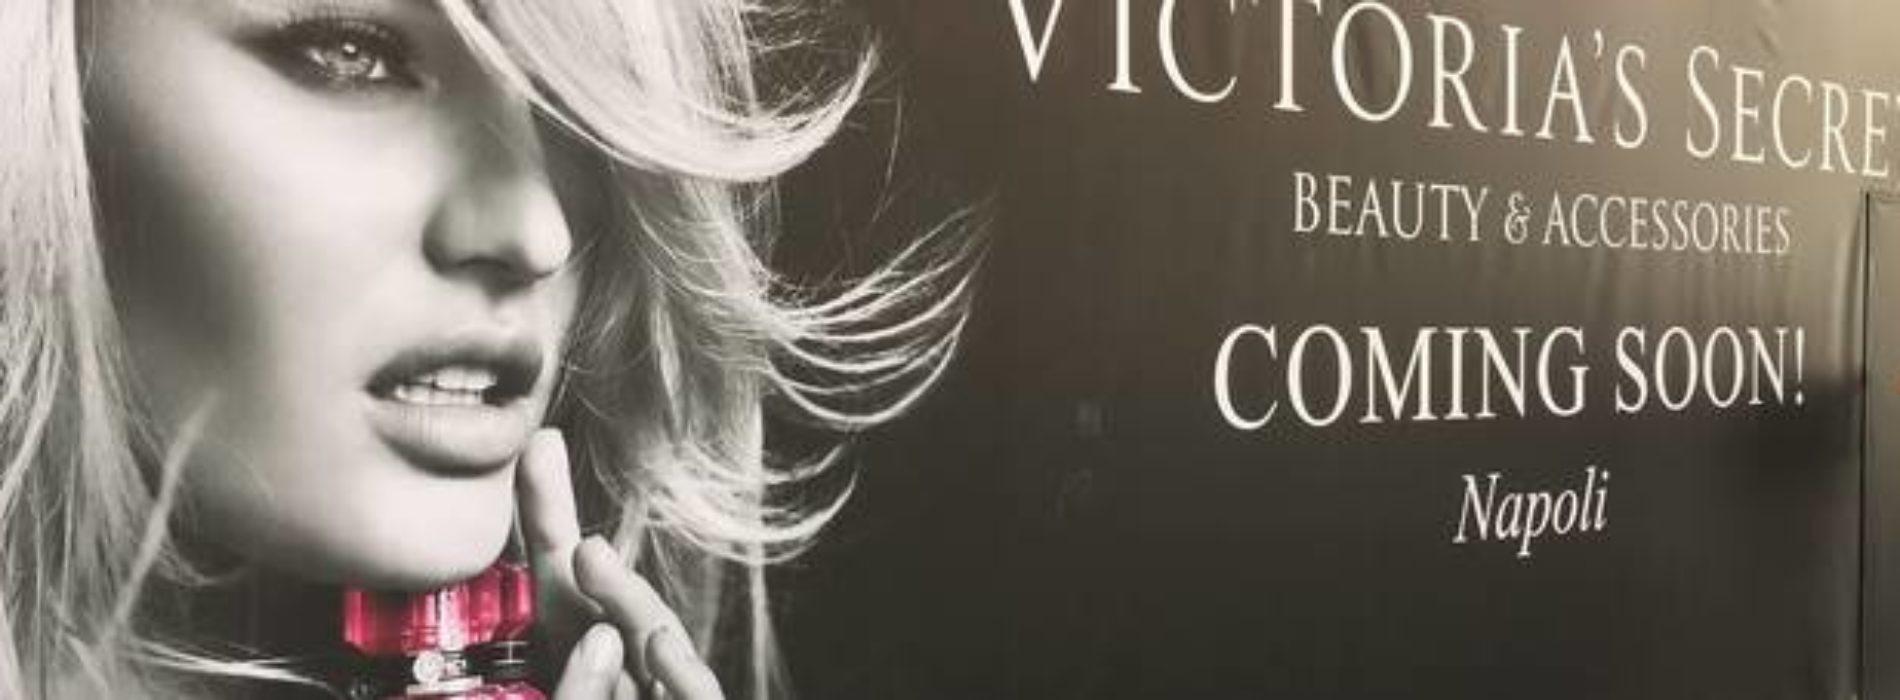 Victoria's secret arriva a Napoli